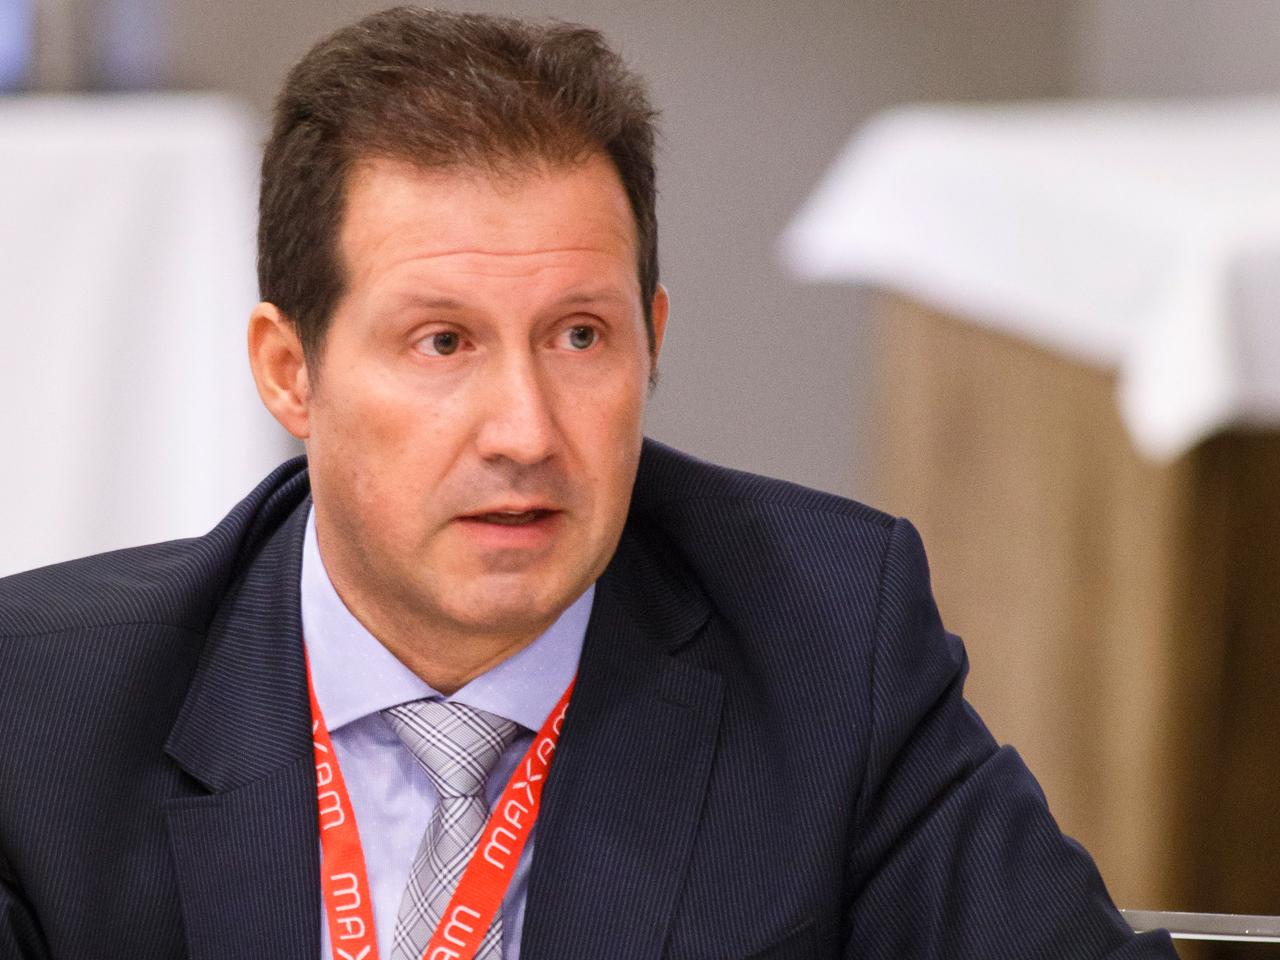 César Luaces Frades